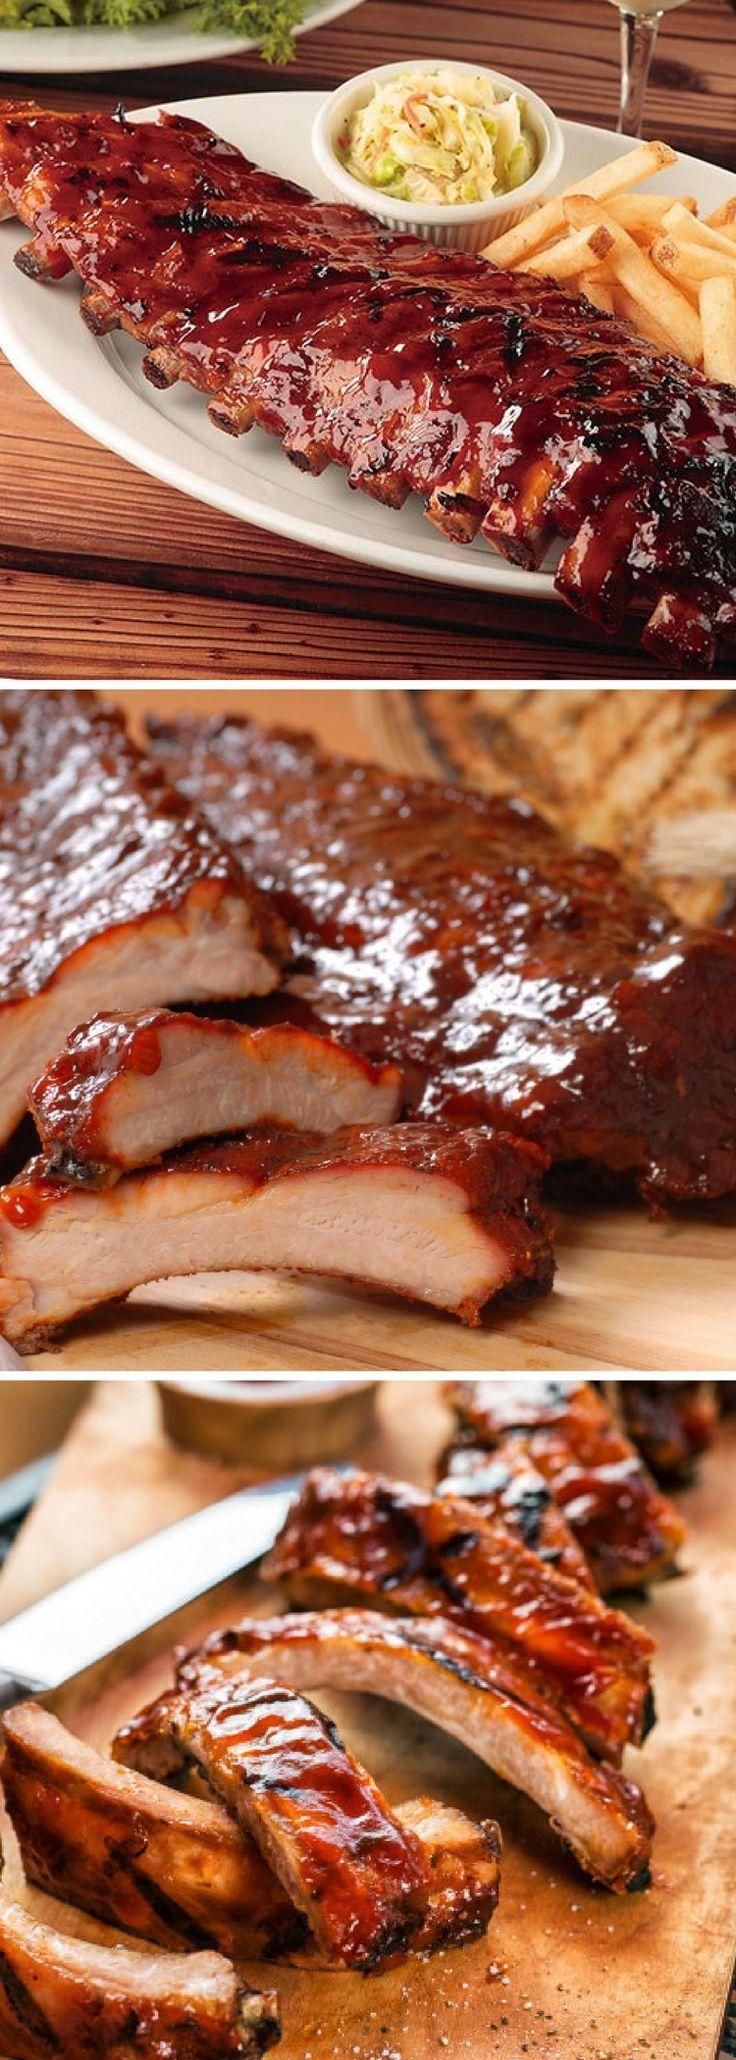 Las costillas de cerdo BBQ. son un corte especial del cerdo, diferente de la chuleta. La forma de cocina